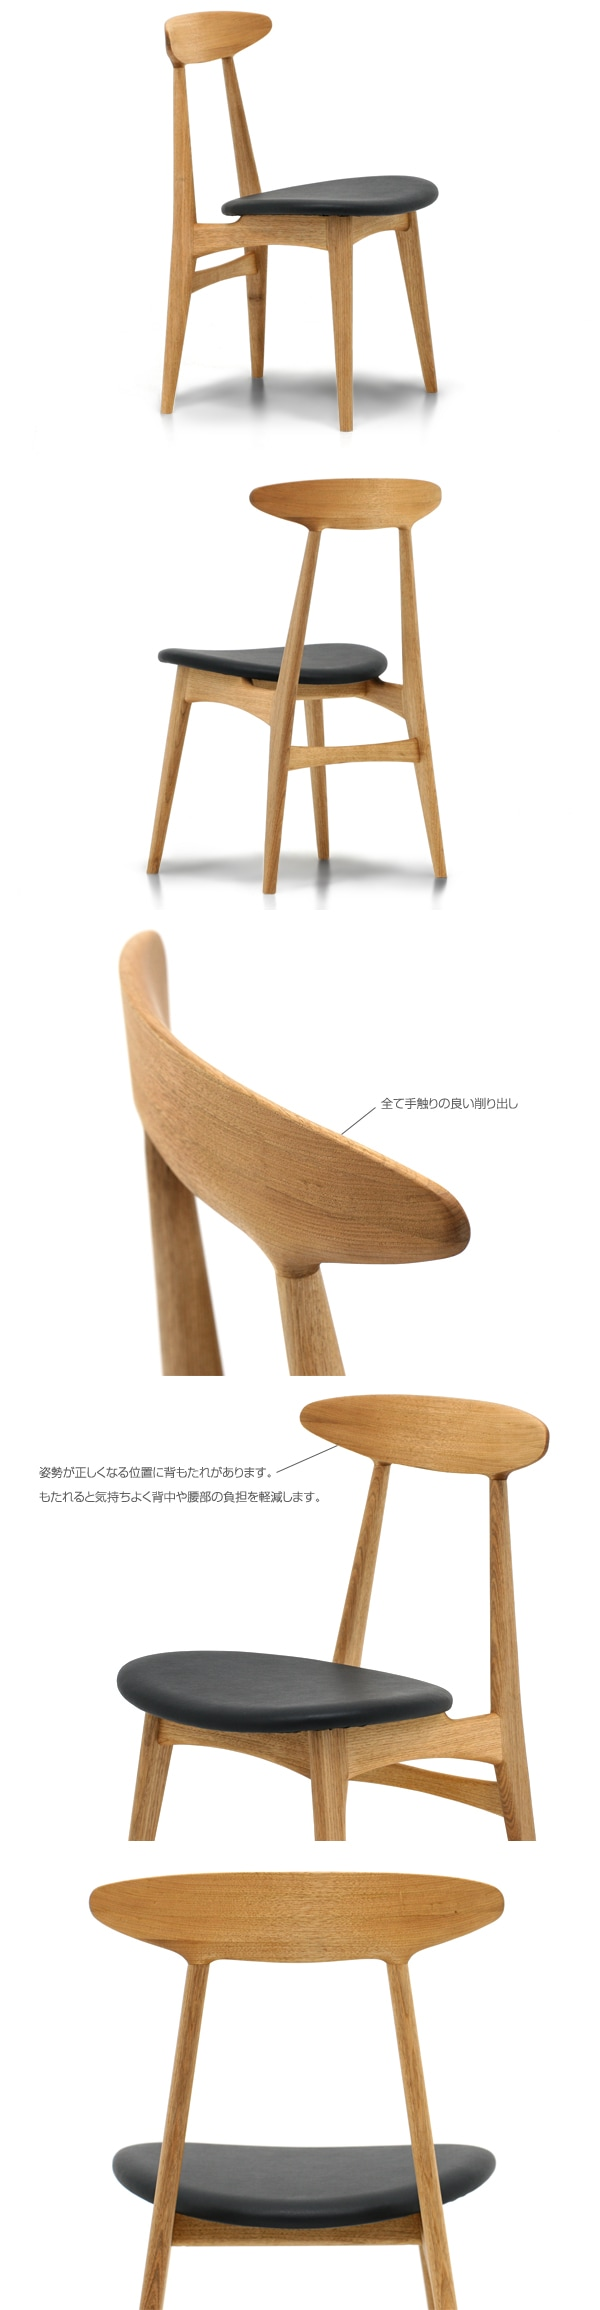 職人,手作り,家具,椅子,,天然木,北欧スタイル家具